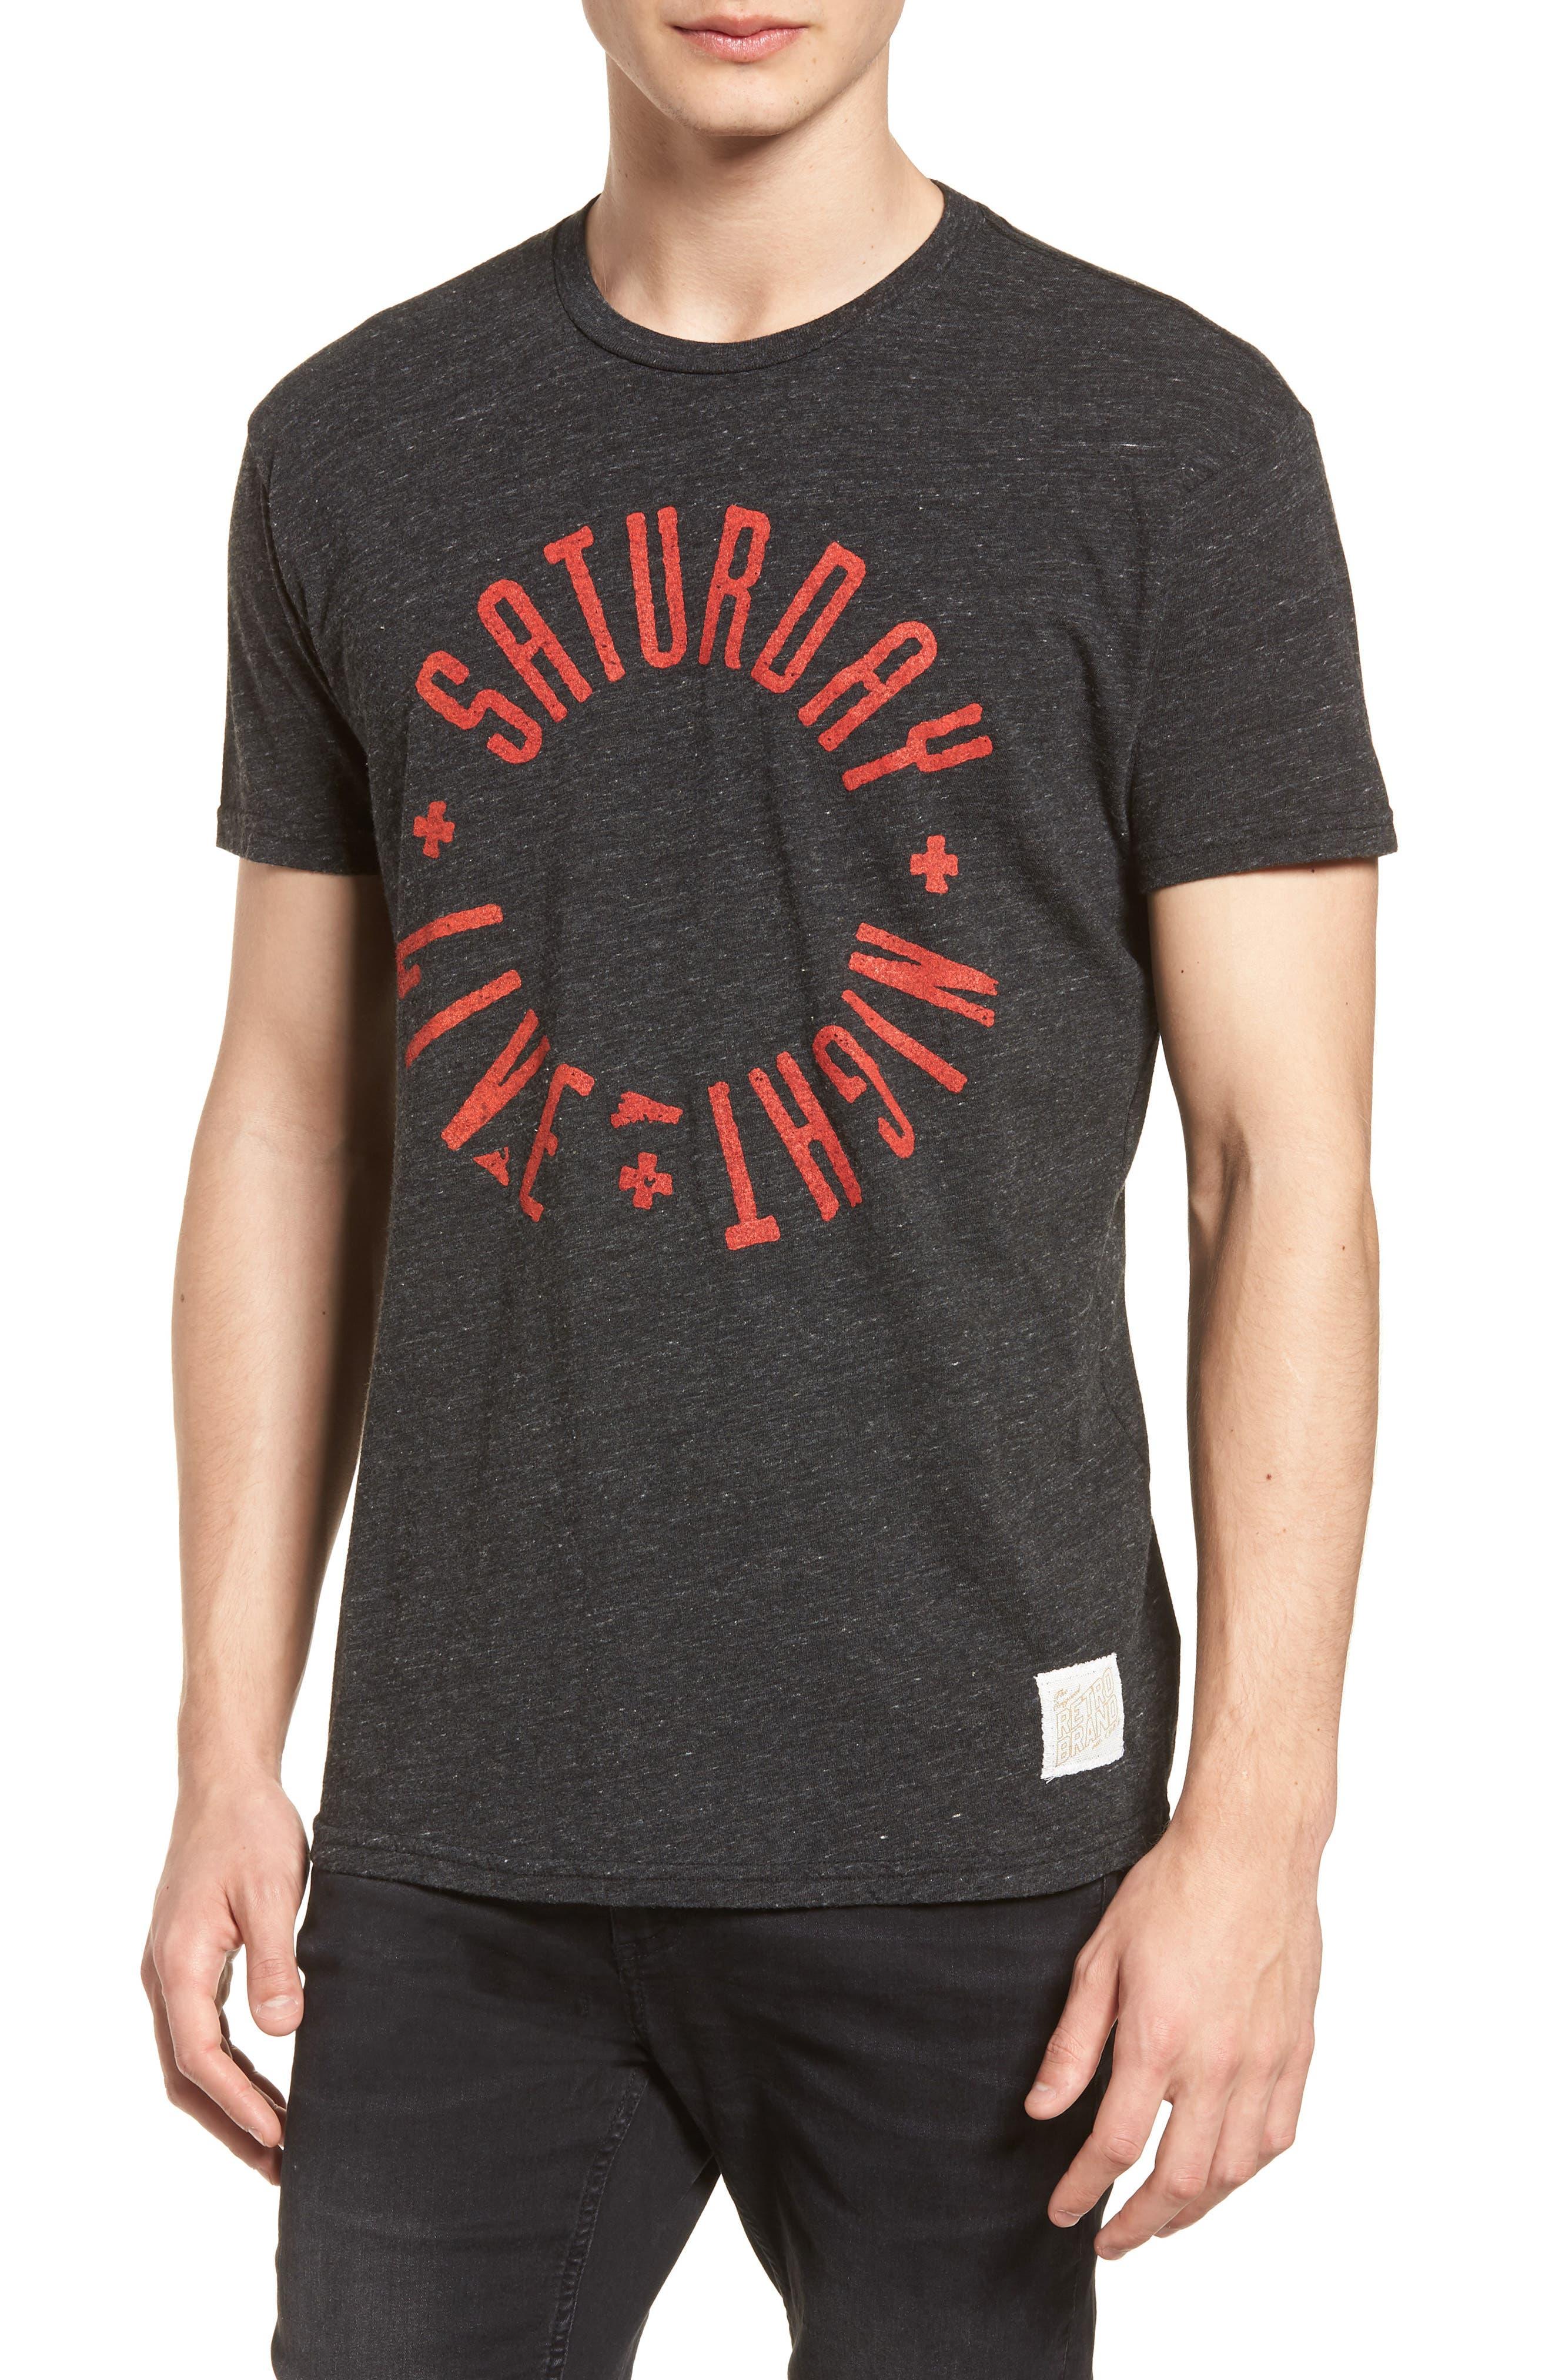 Original Retro Brand SNL Graphic T-Shirt